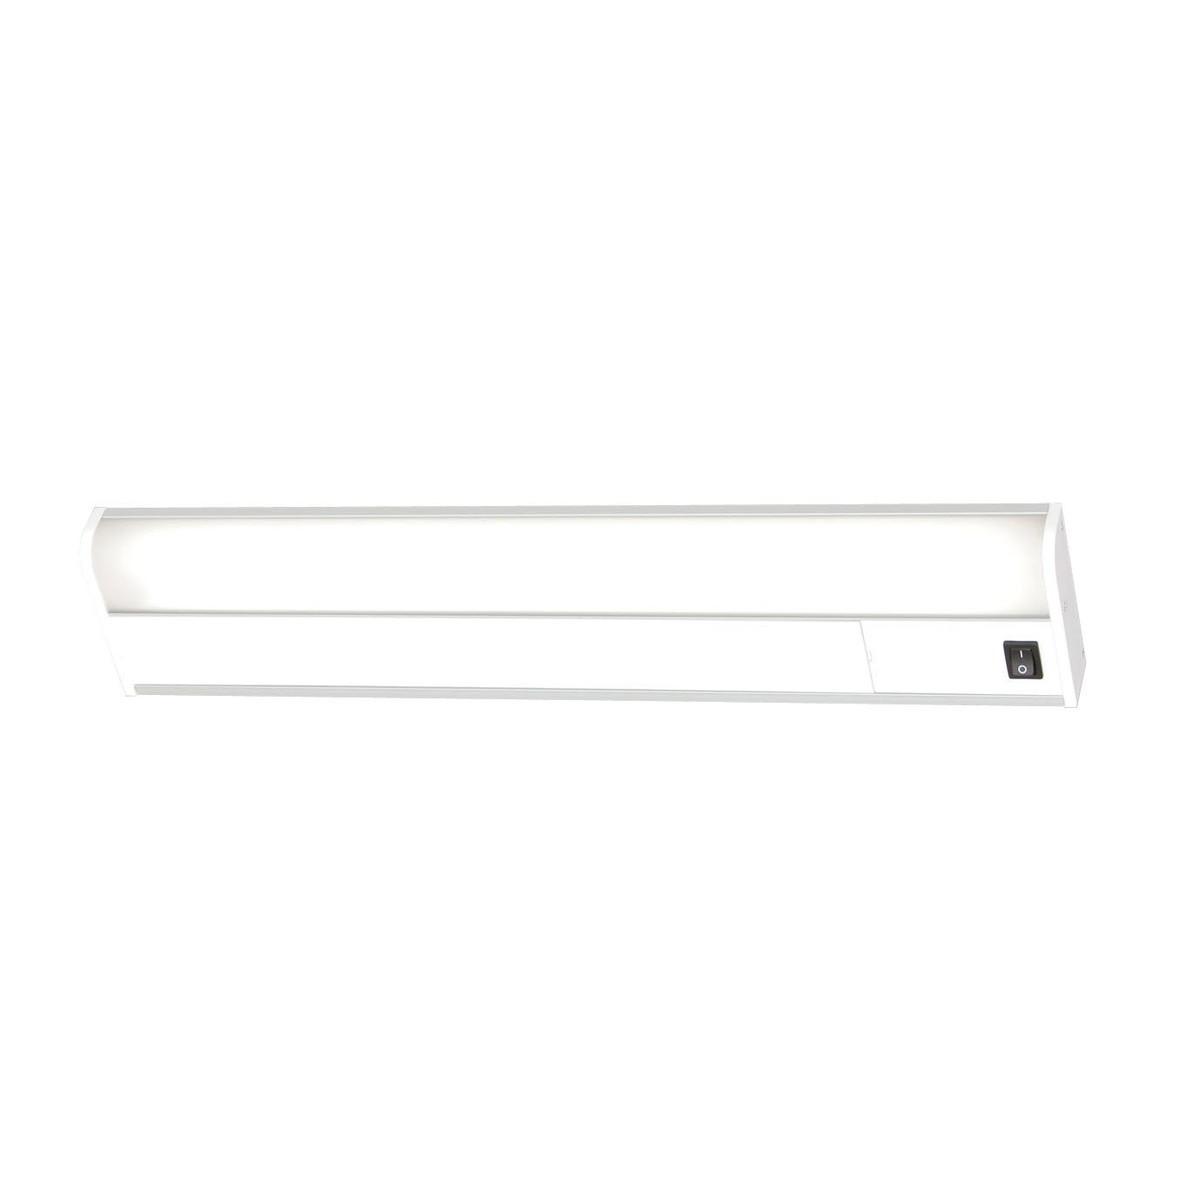 アイリスオーヤマ LEDキッチン手元灯 棚下・壁兼用 KTM6N-TK【クーポン配布中】